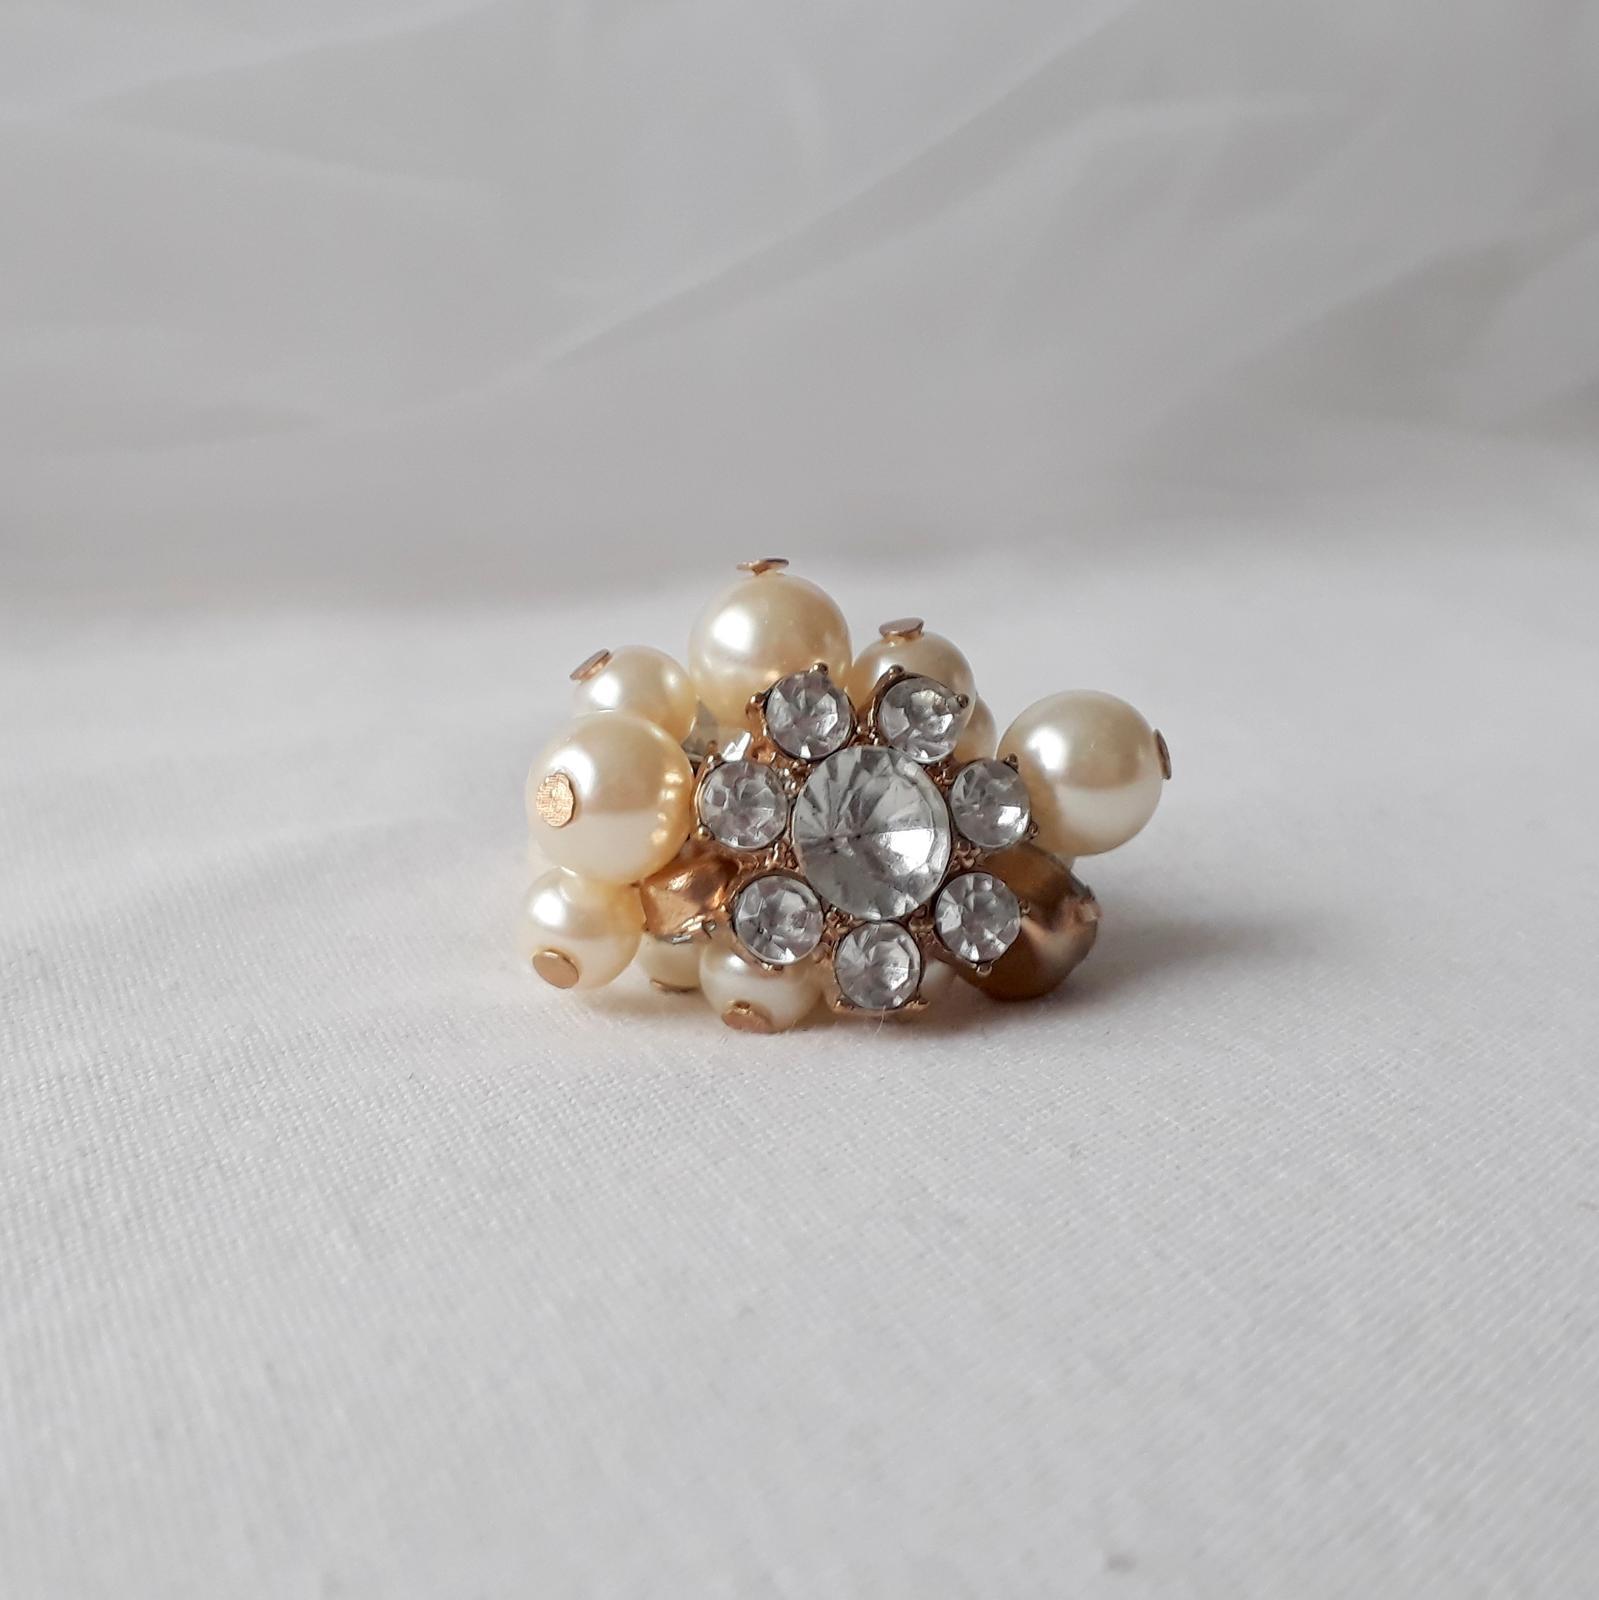 Zlatý prstýnek s perličkami - Obrázek č. 3